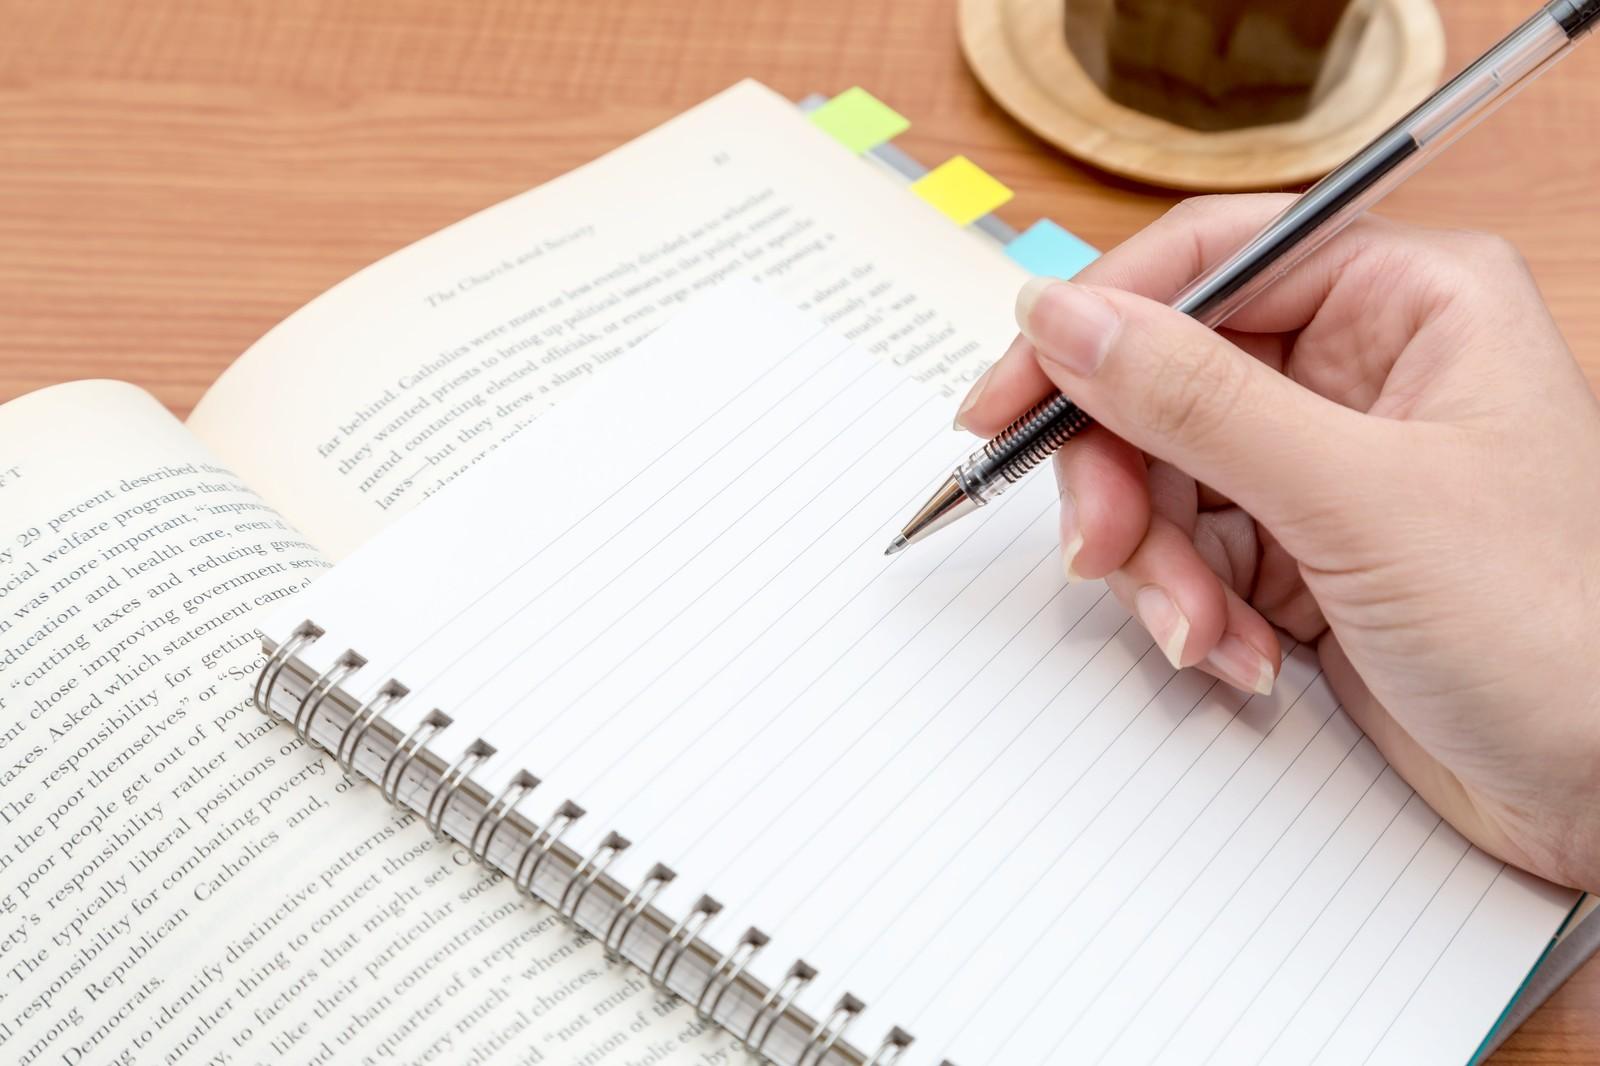 付箋とノート